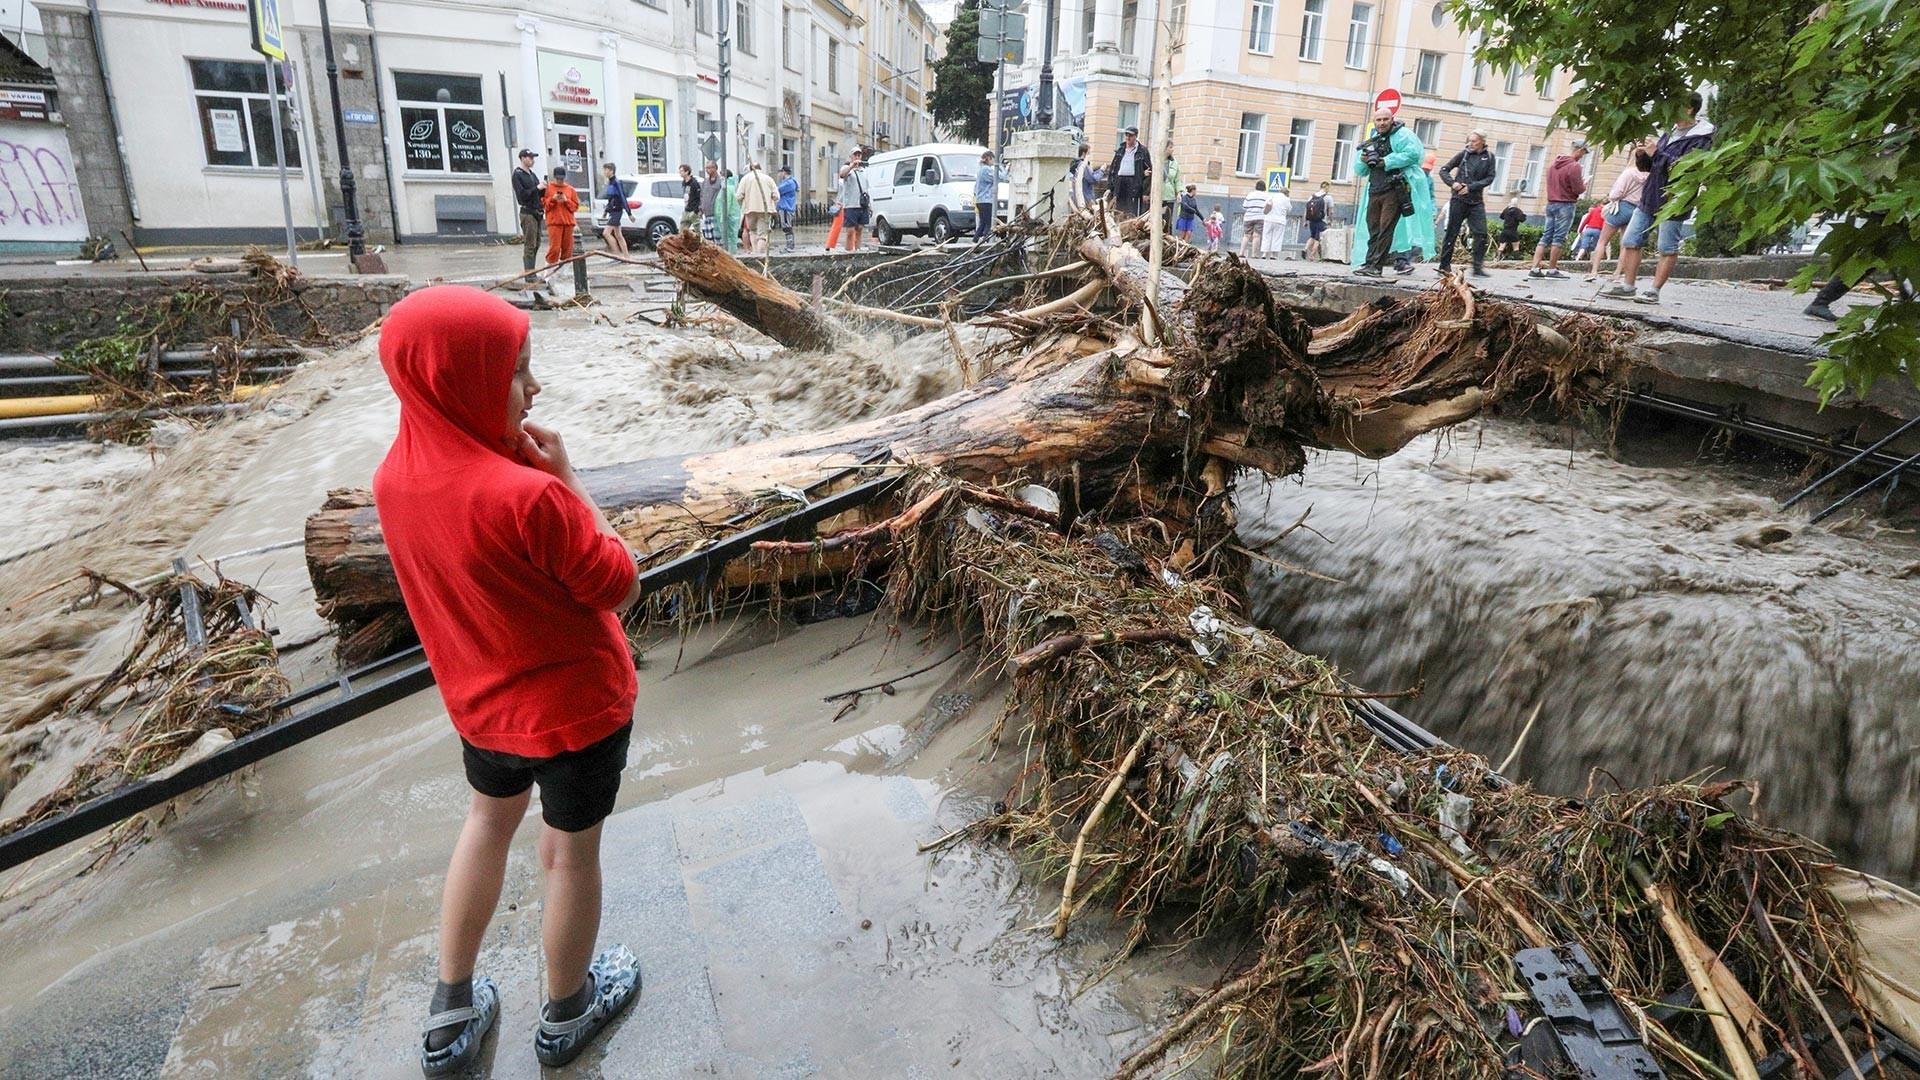 Луѓе на улица после поплавата по обилните врнежи во Јалта.